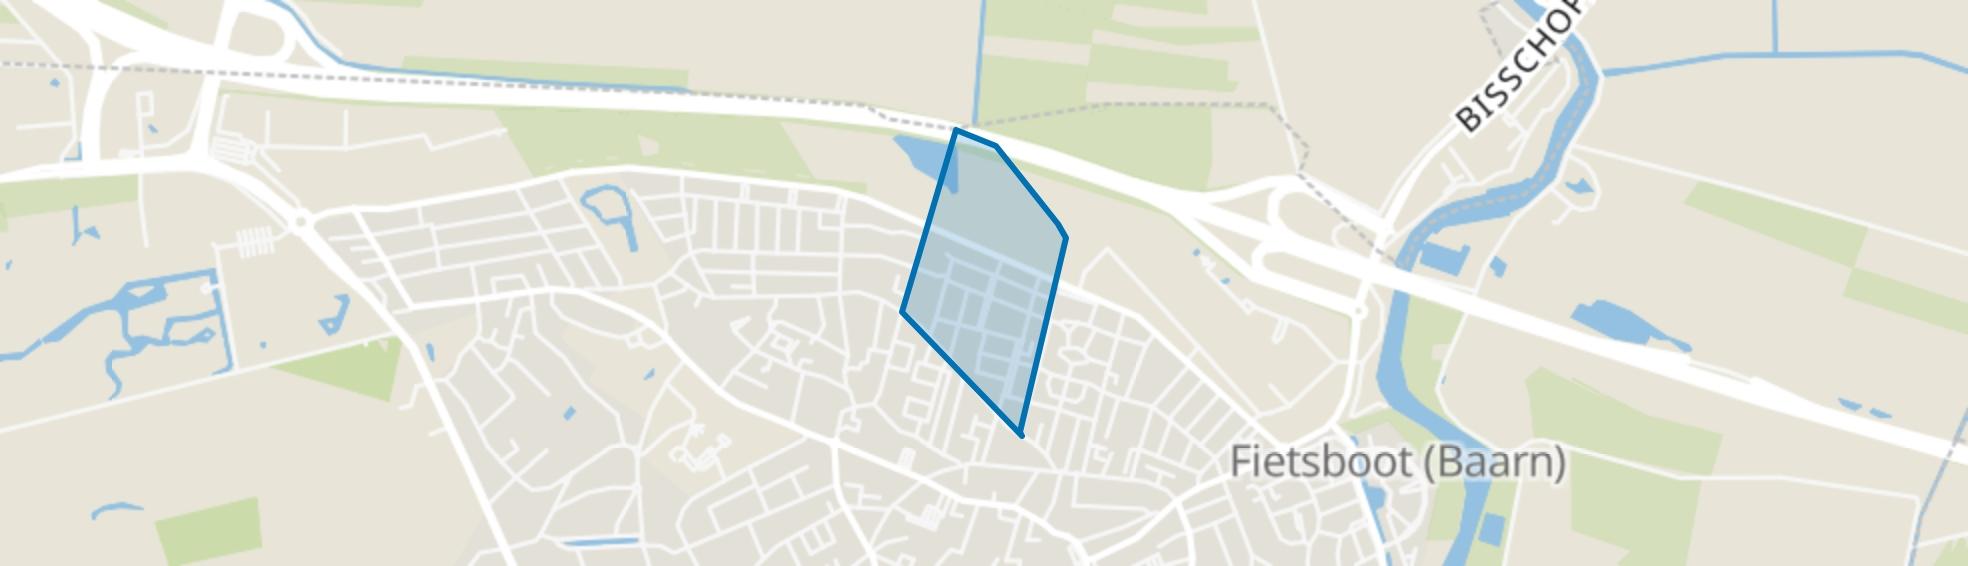 Staatsliedenwijk, Baarn map